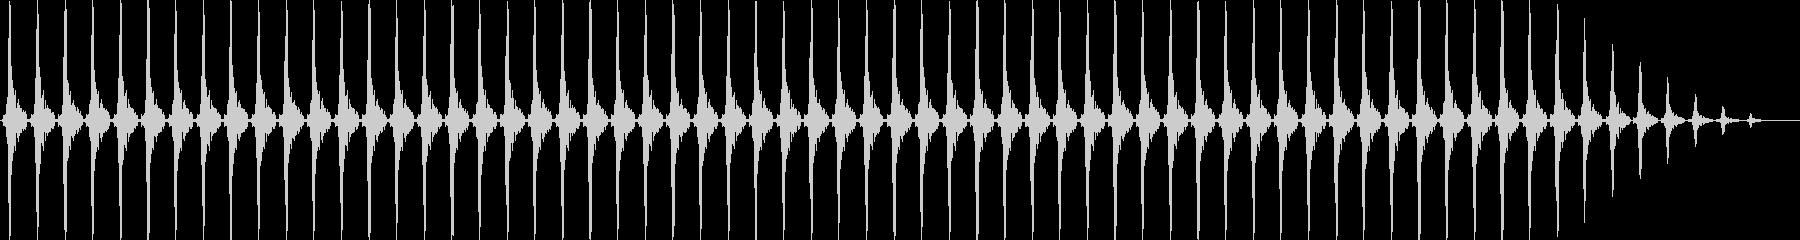 クリスマスの鈴(軽め)の未再生の波形